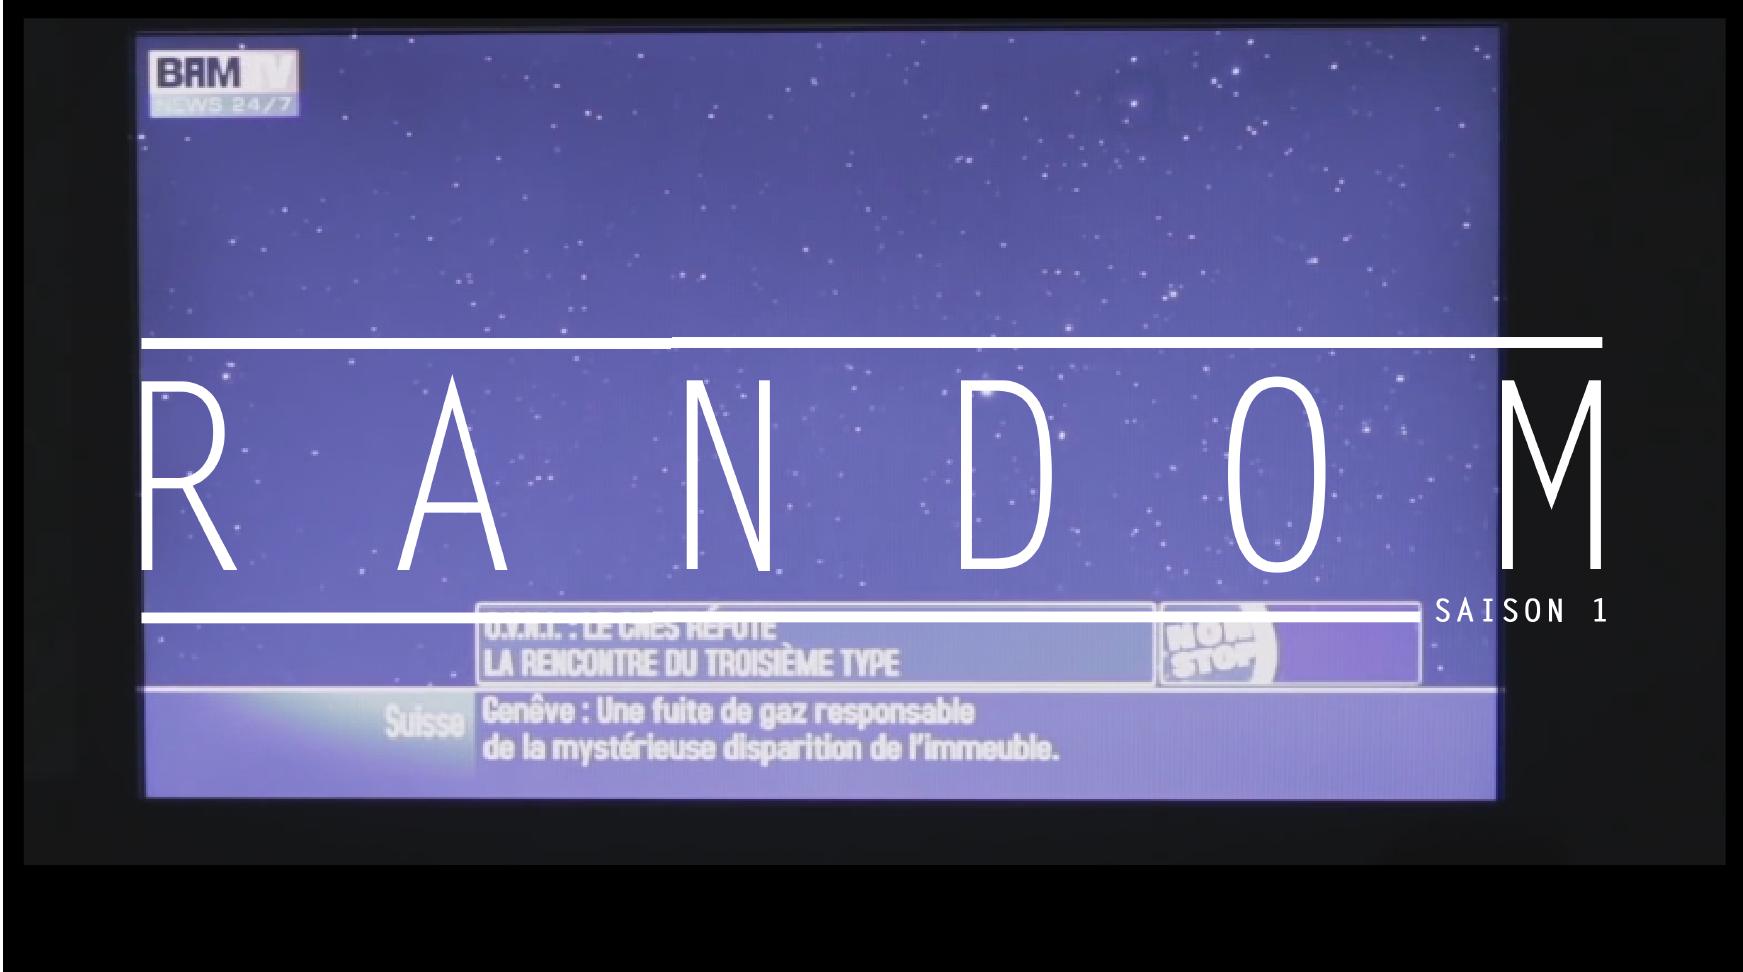 épisode 04, saison 01 - random